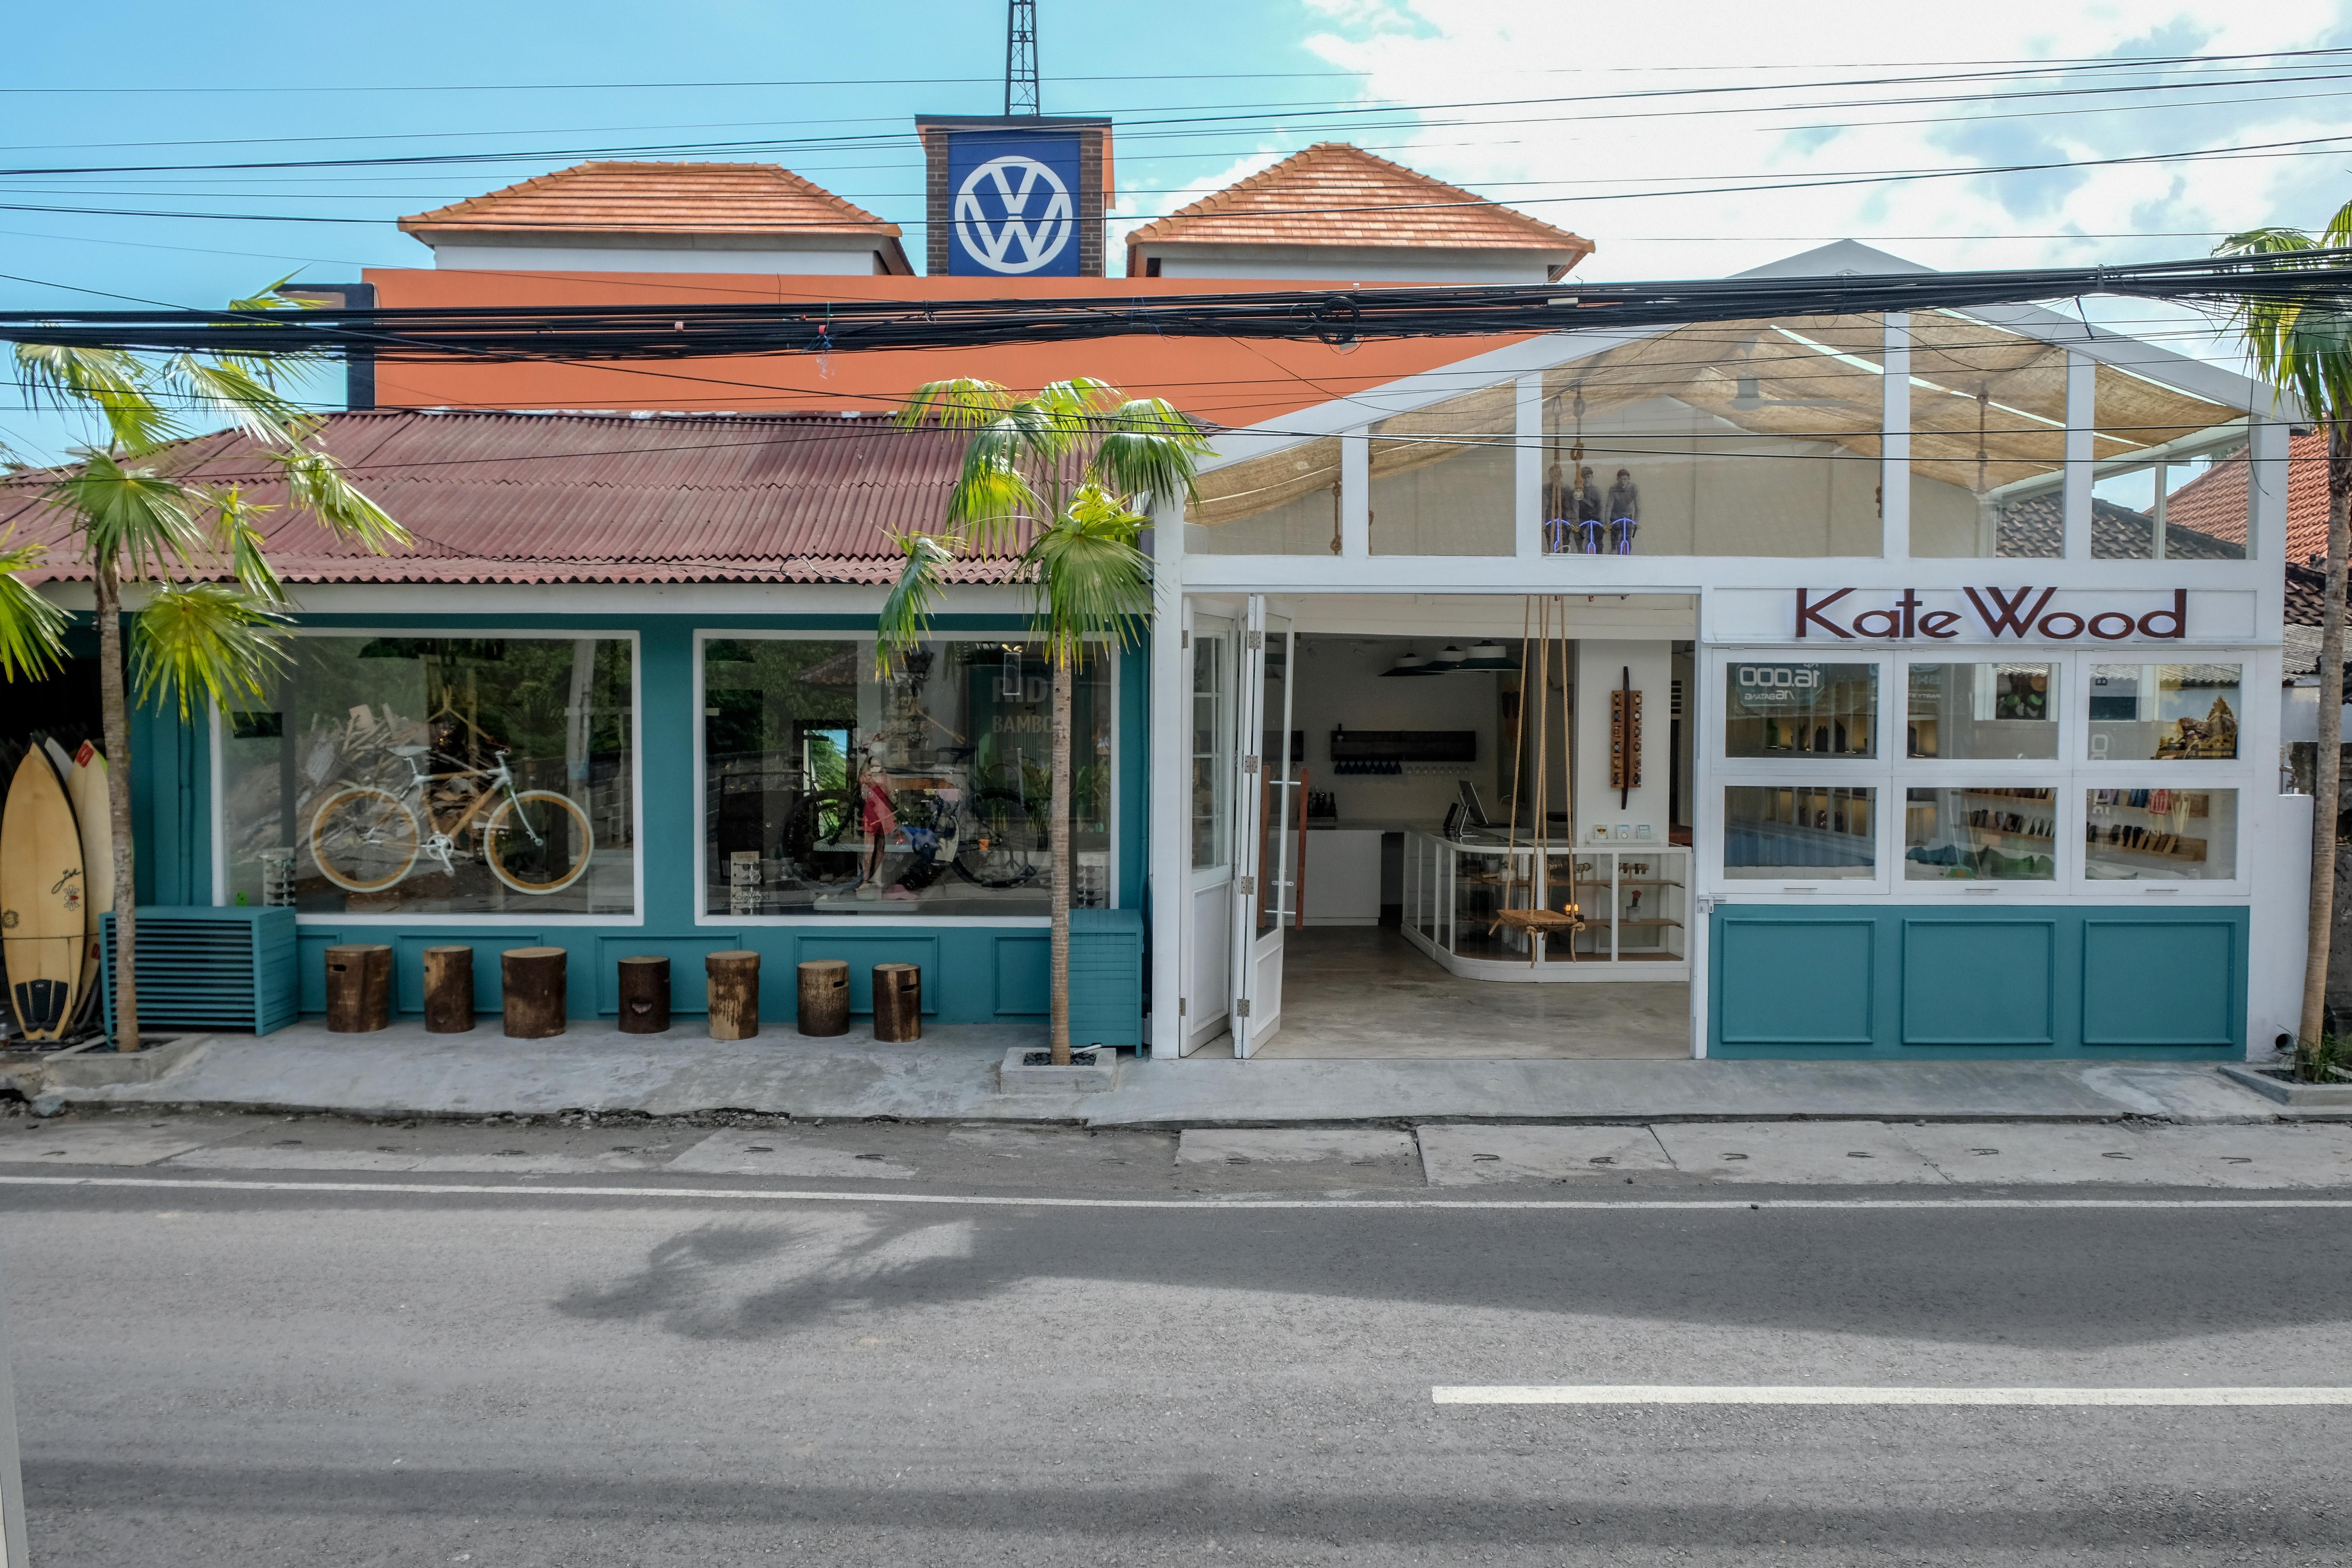 Kate Wood Bali